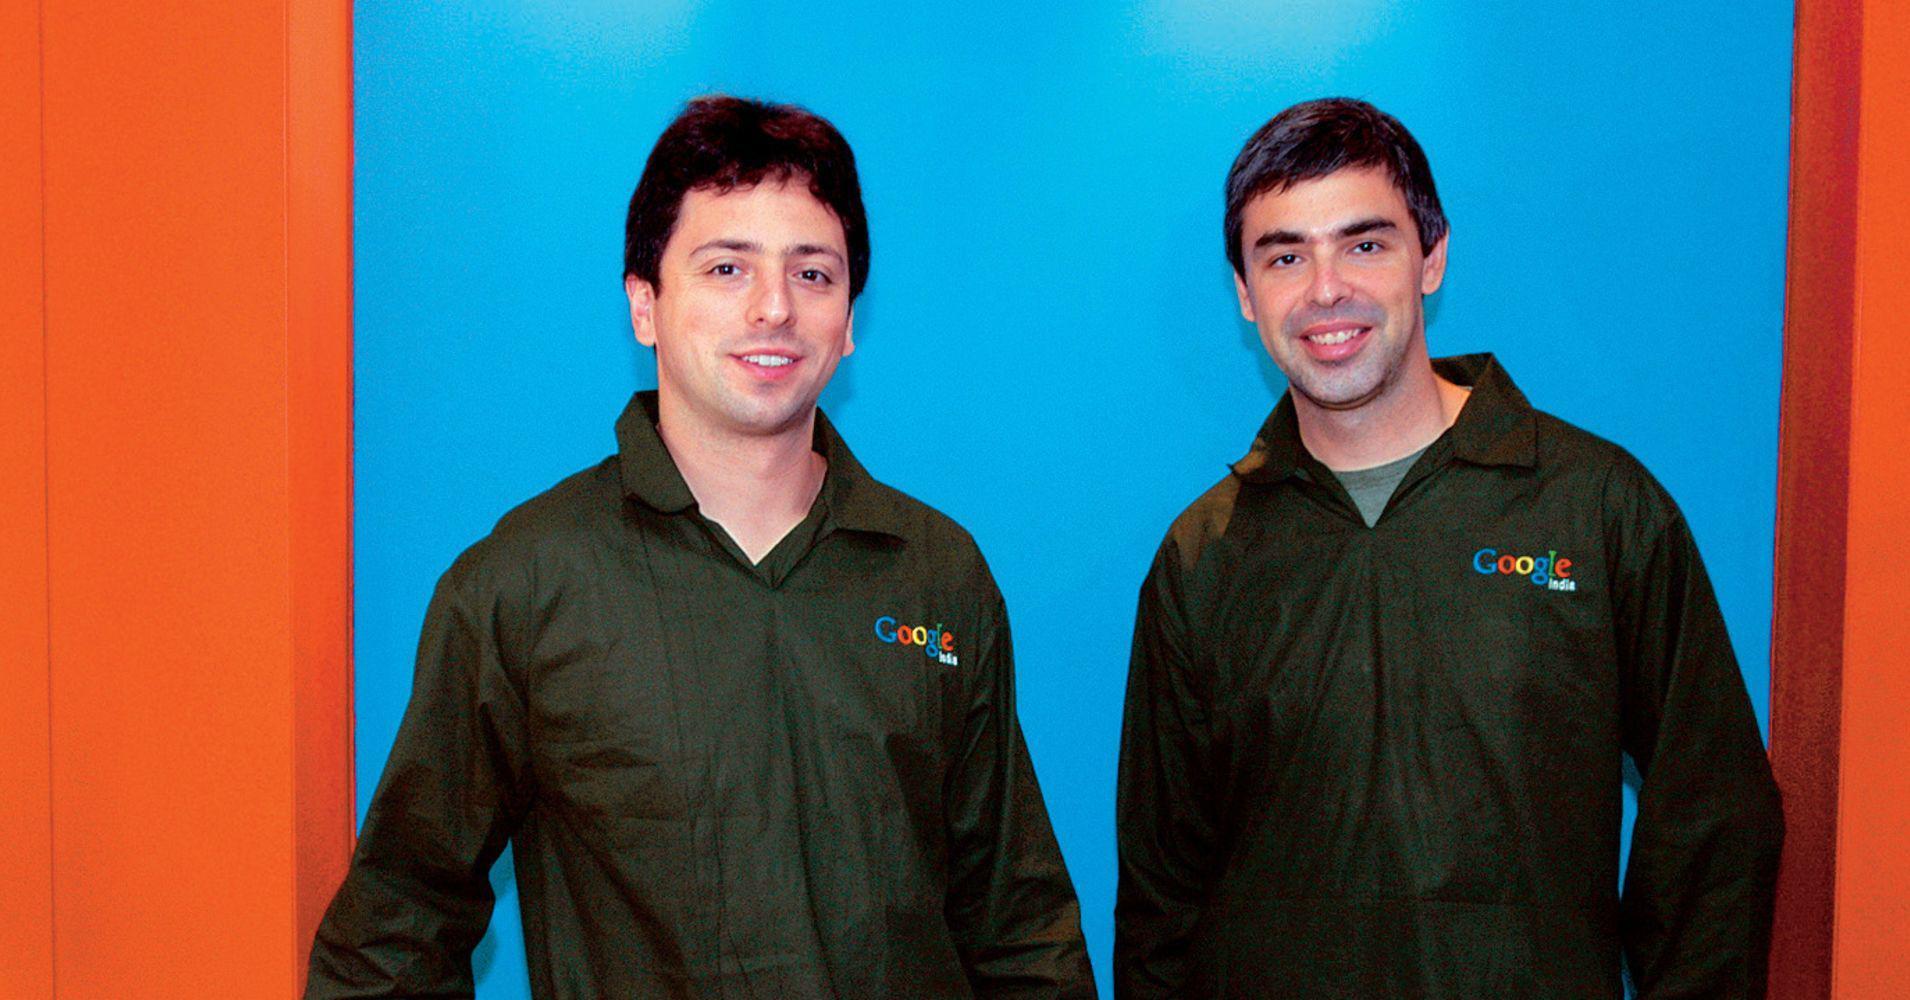 谷歌早期趣闻:佩奇和布林初见时互相看不顺眼